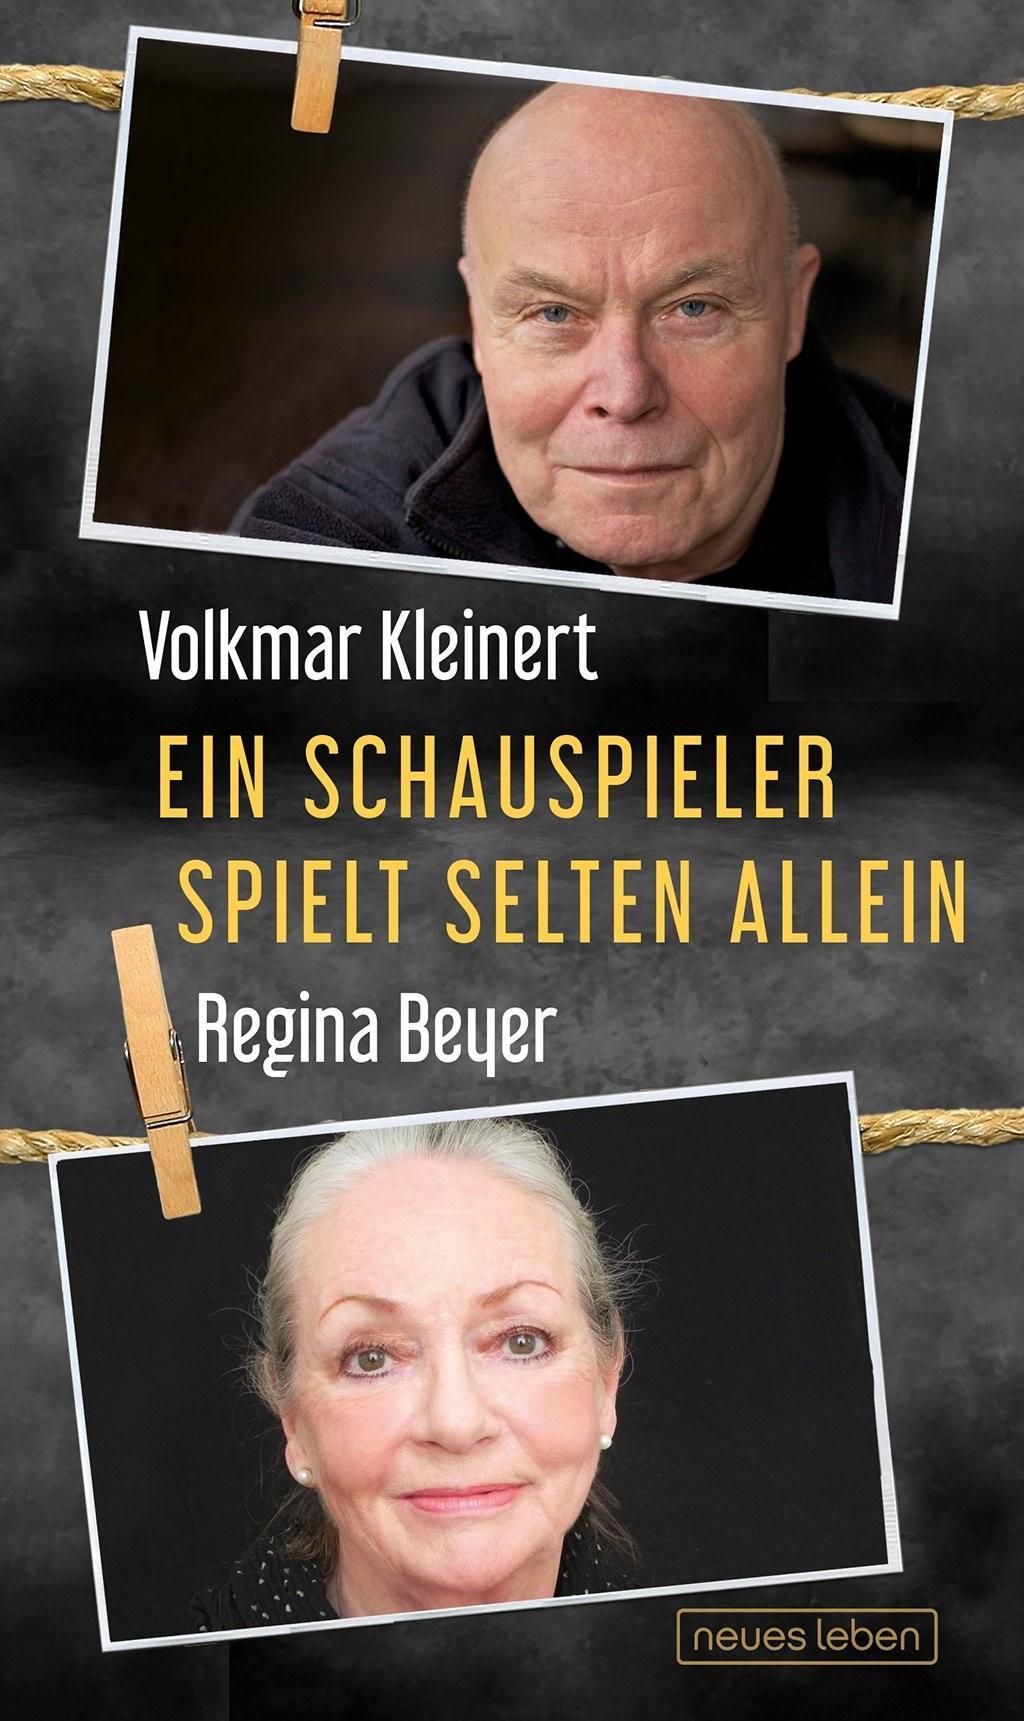 Volkmar Kleinert und Regina Beyer schreiben nicht nur zusammen, sondern sind auch inzwischen verheiratet.